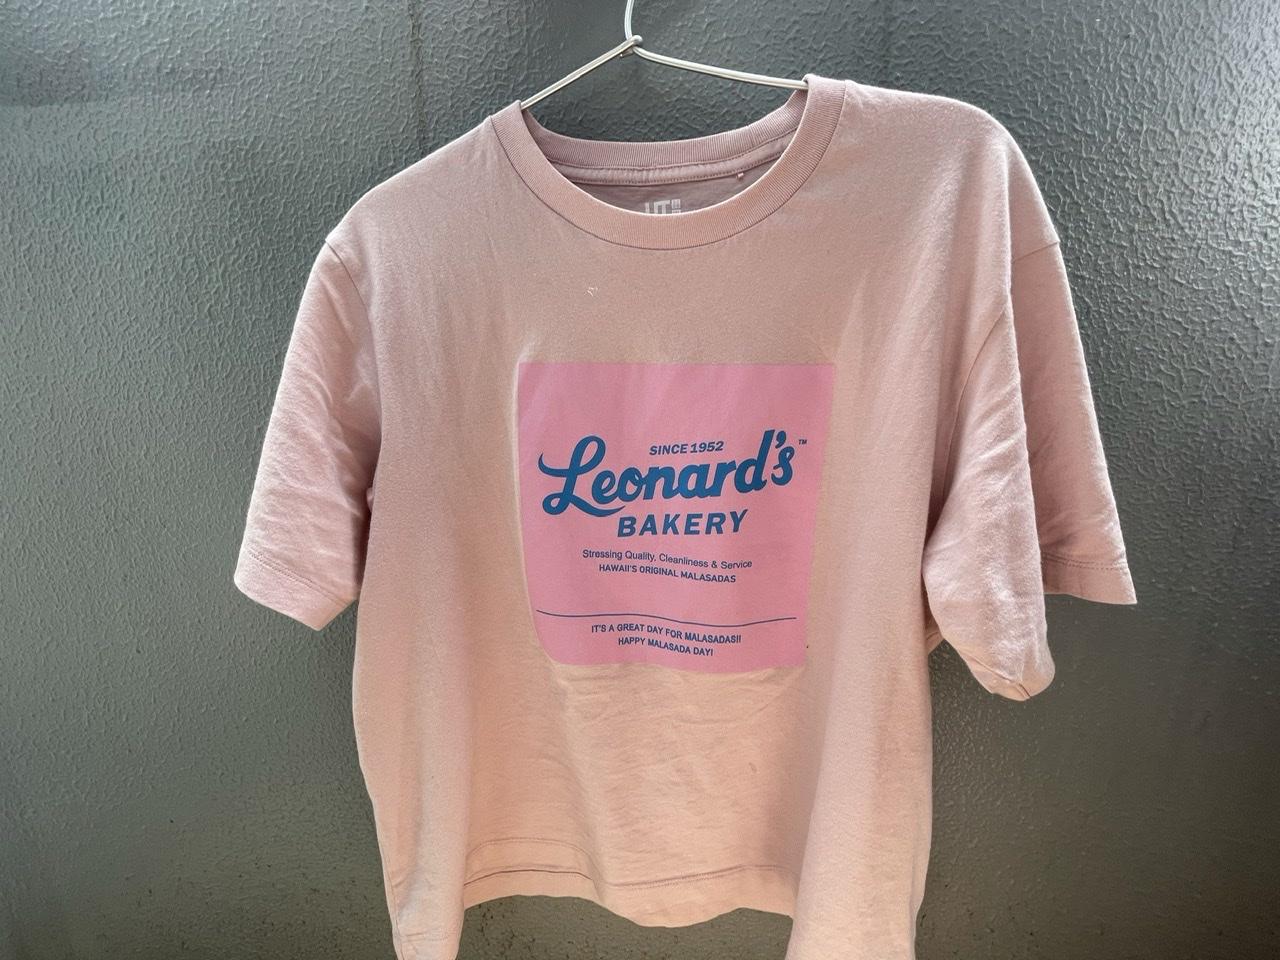 ユニクロUTのレナーズベーカリーとのコラボTシャツ